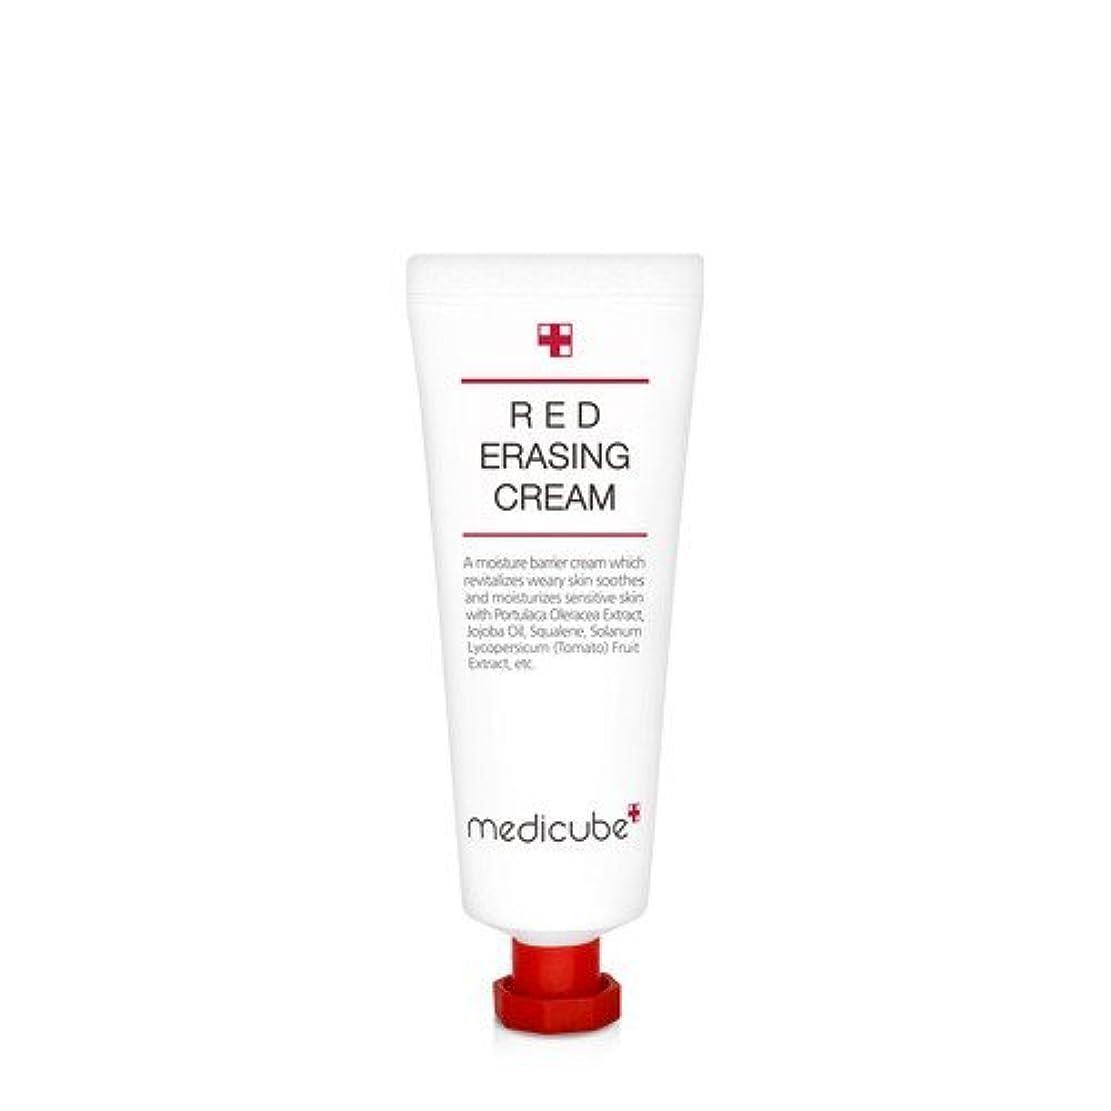 ベンチ拡張エンコミウム[Medicube]Red Erasing Cream 50g / メディキューブレッドイレイジングクリーム / 正品?海外直送商品 [並行輸入品]